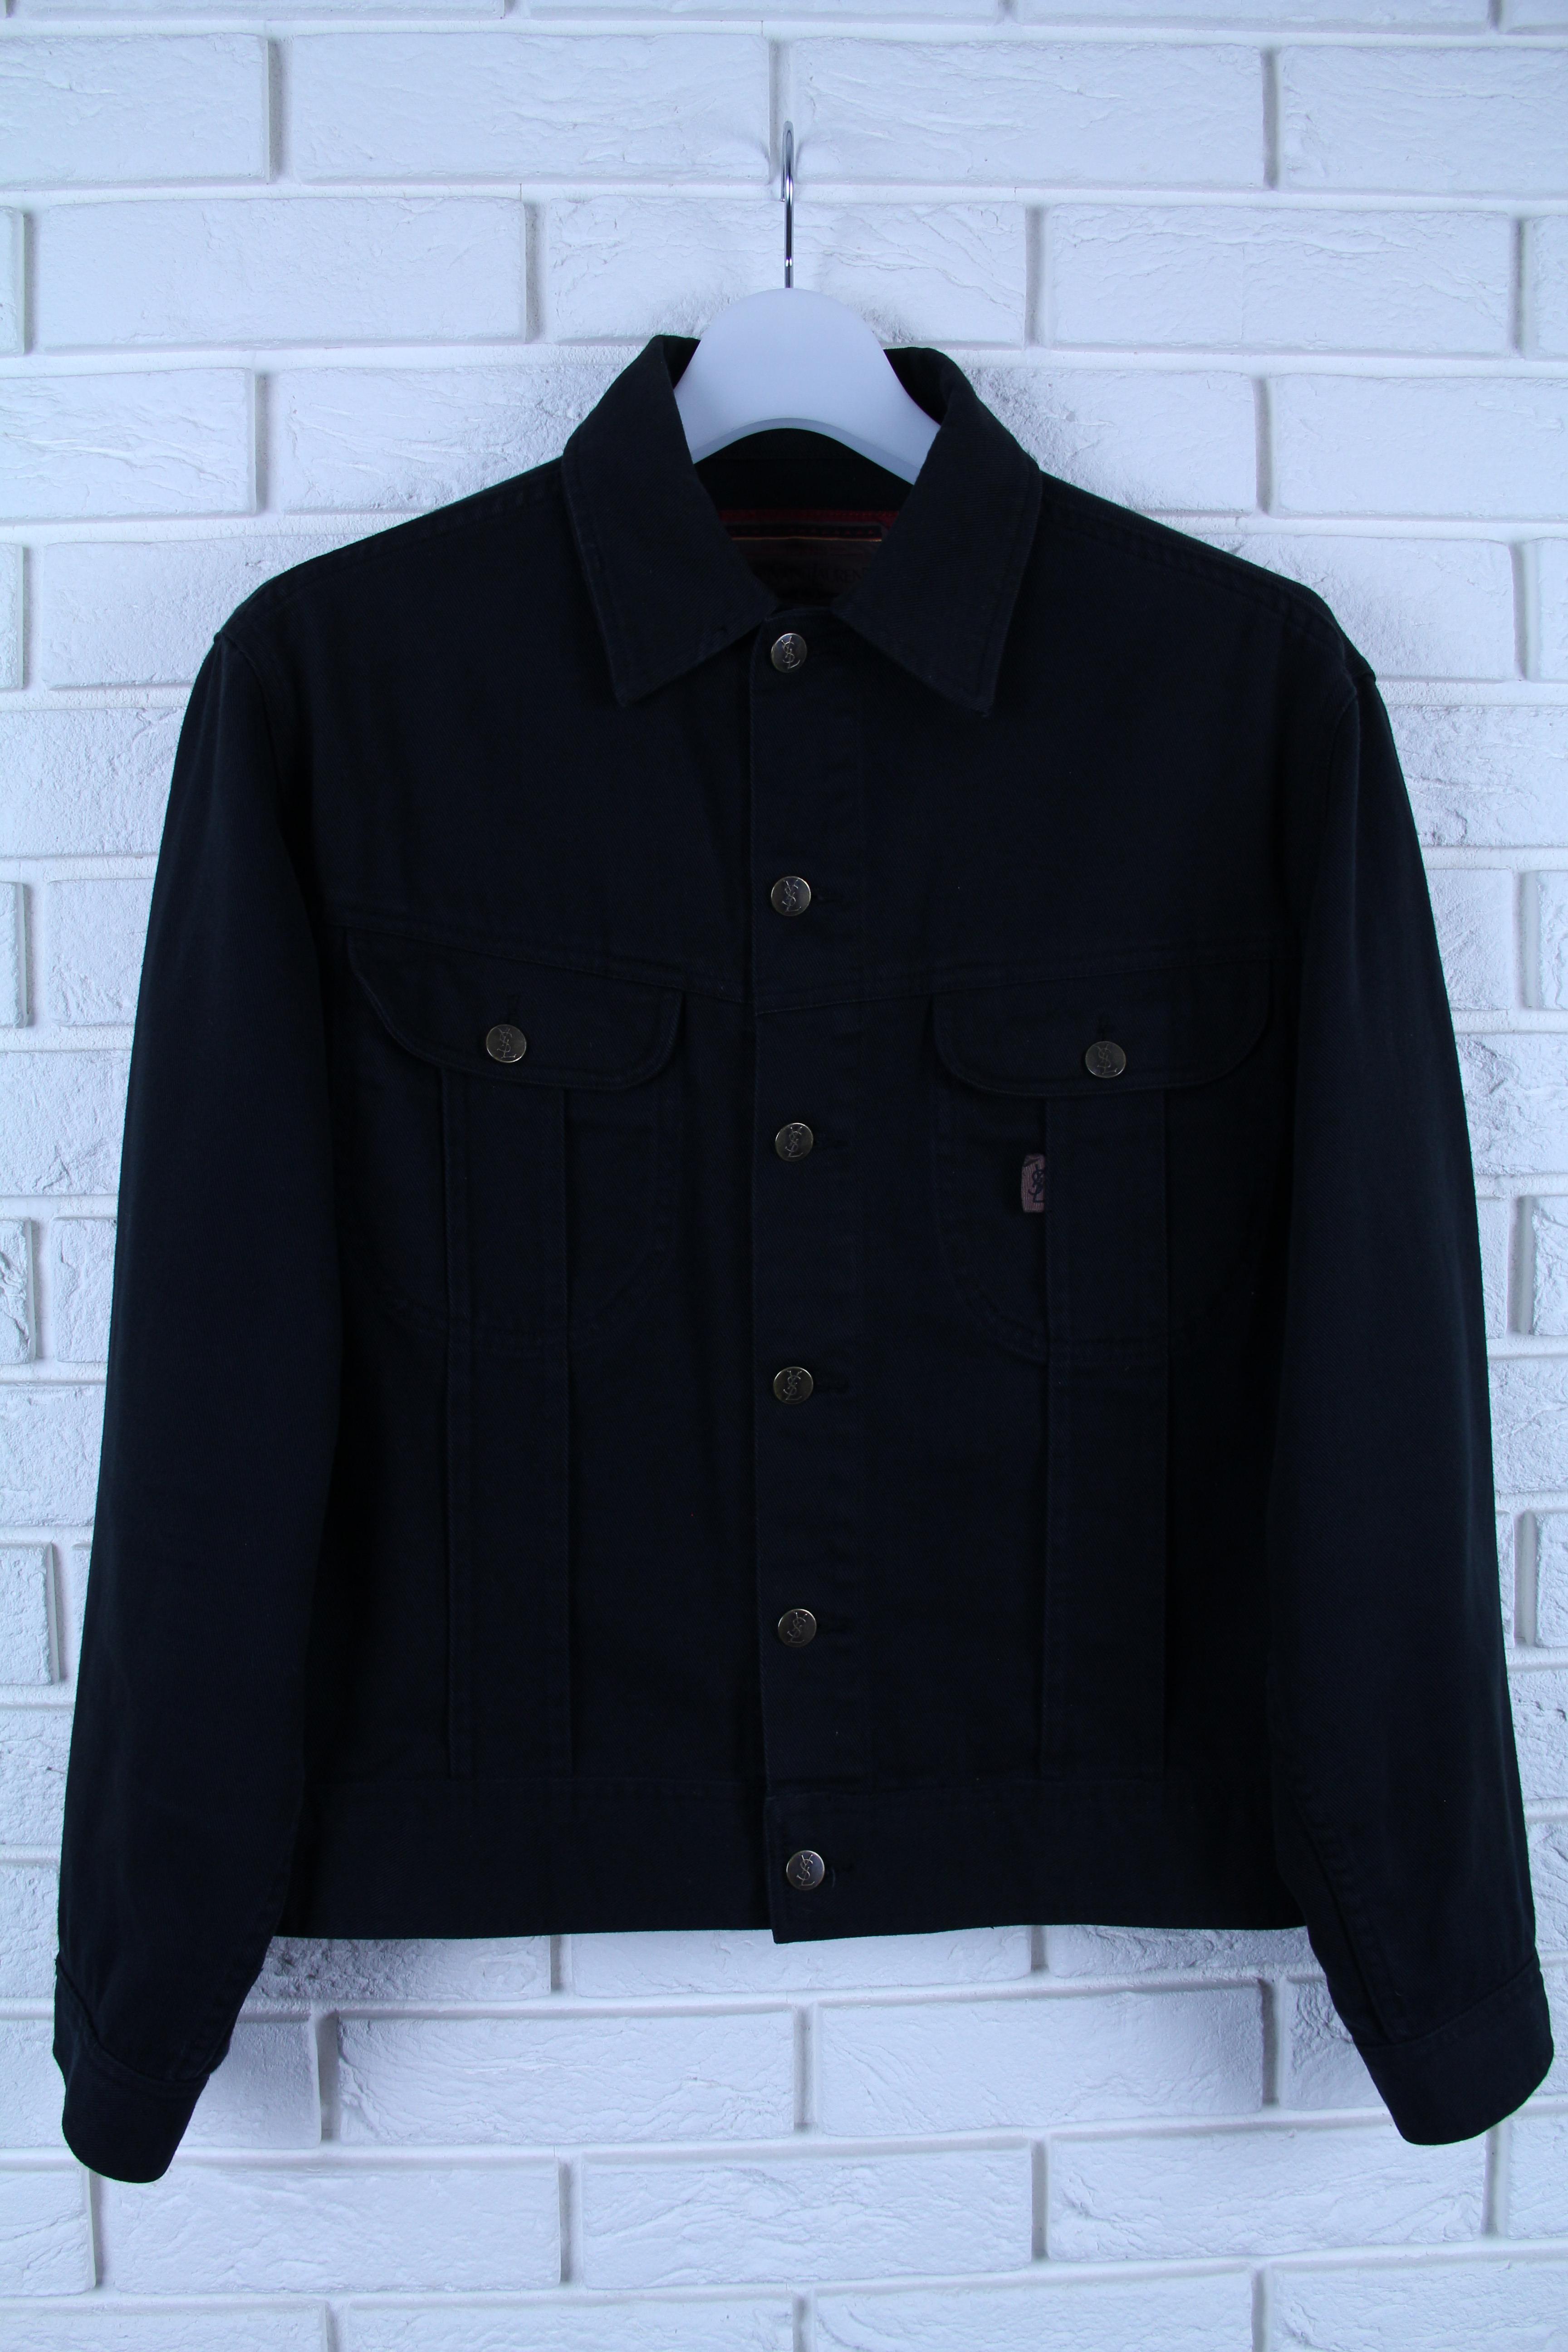 5f68f46e926 Saint Laurent Paris × Yves Saint Laurent ×. Final Drop! Rare YSL Denim  Jacket